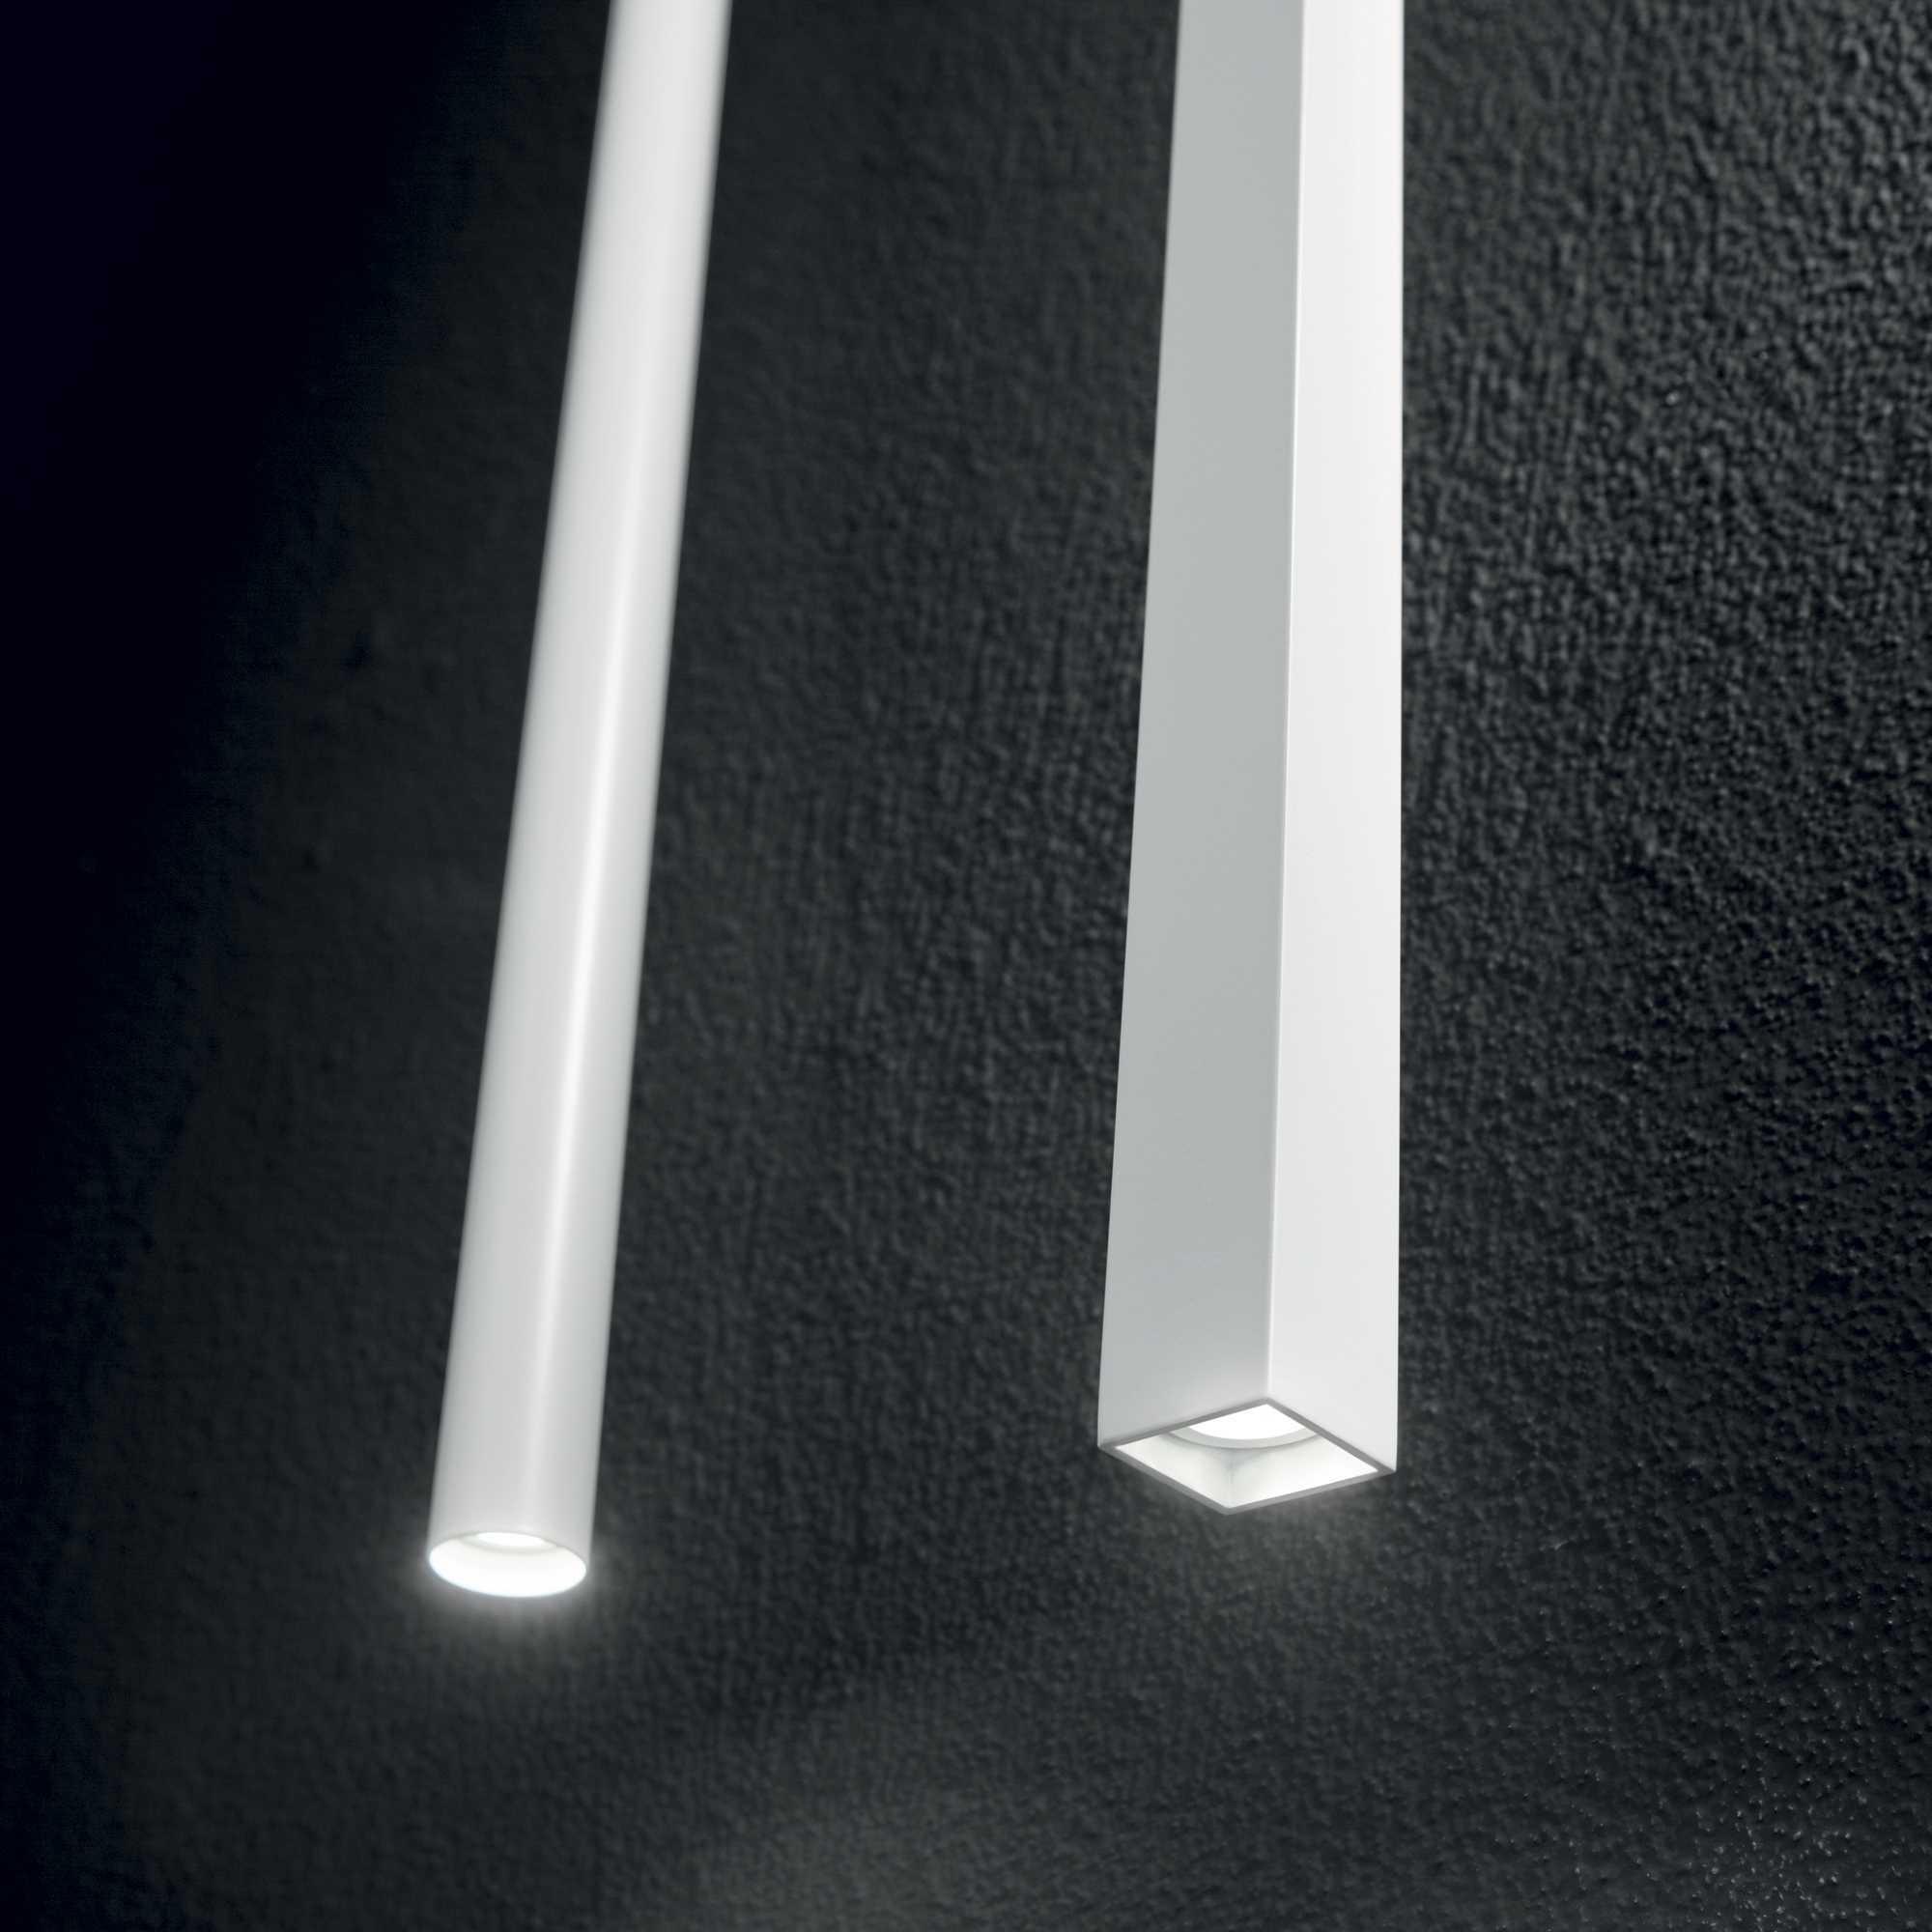 Подвесной светодиодный светильник Ideal Lux ULTRATHIN D040 SQUARE BIANCO 194189 (ULTRATHIN SP1 SMALL SQUARE BIANCO), LED 12W 3000K 760lm, белый, металл - фото 2